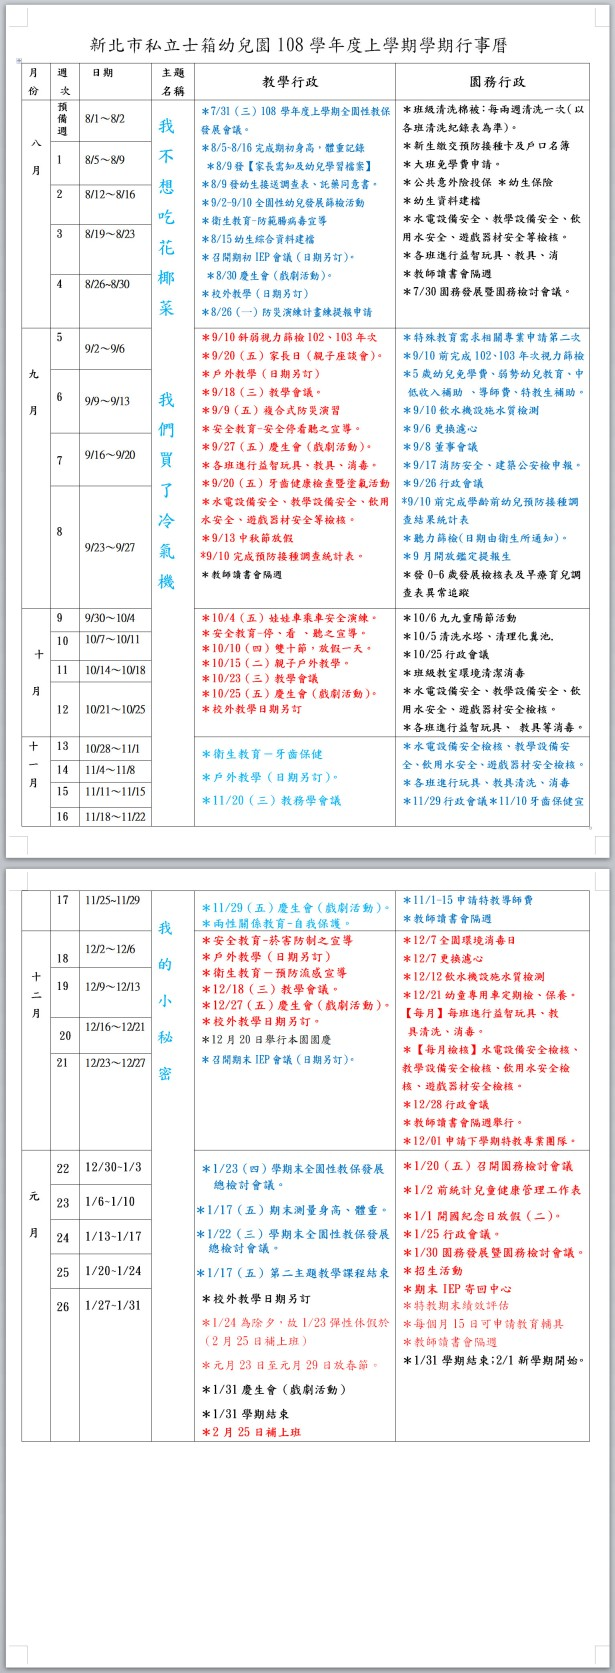 108學年度上學期學期行事曆